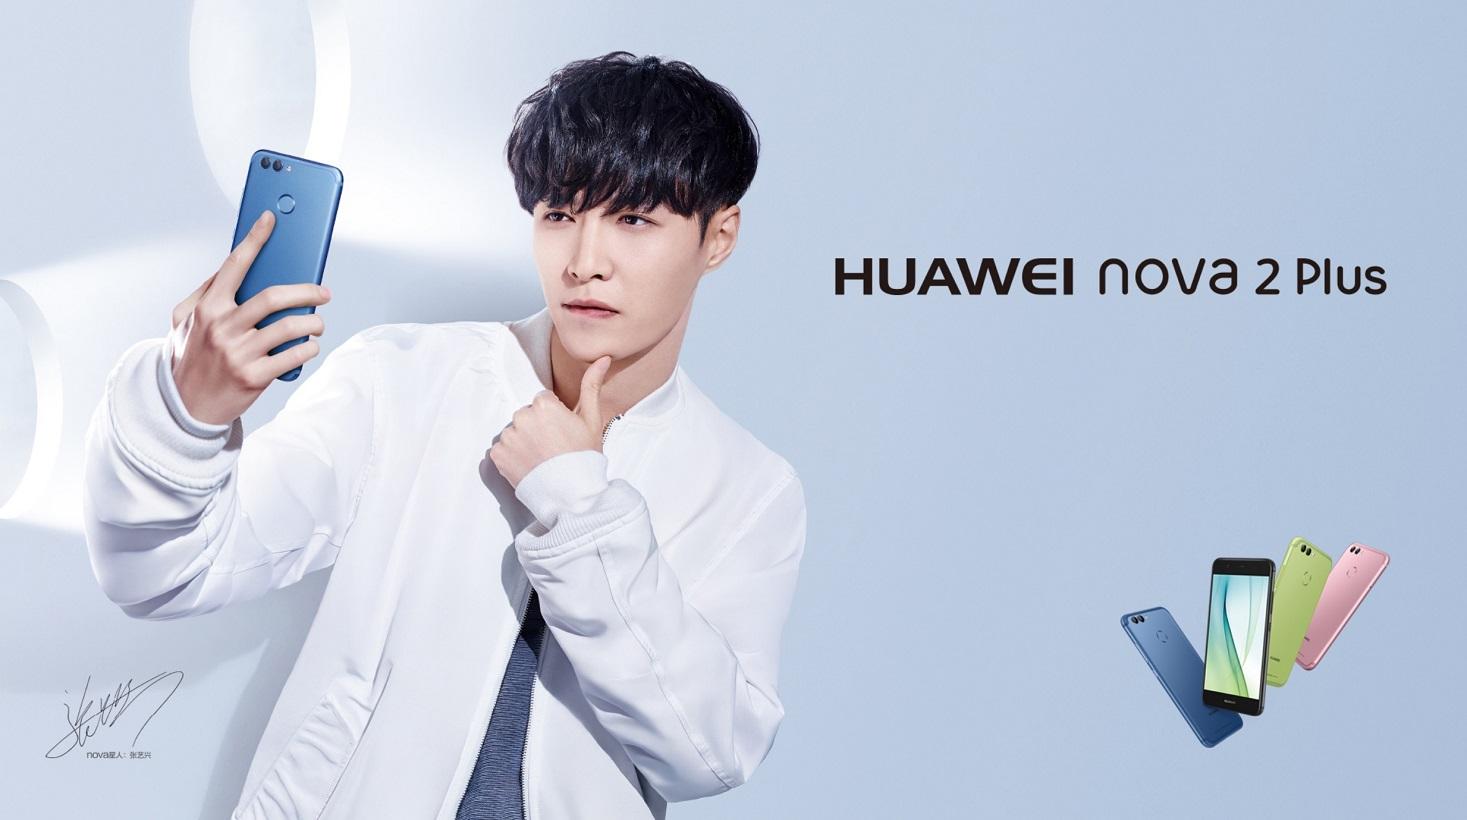 Huawei nova2 Plus Smartphone